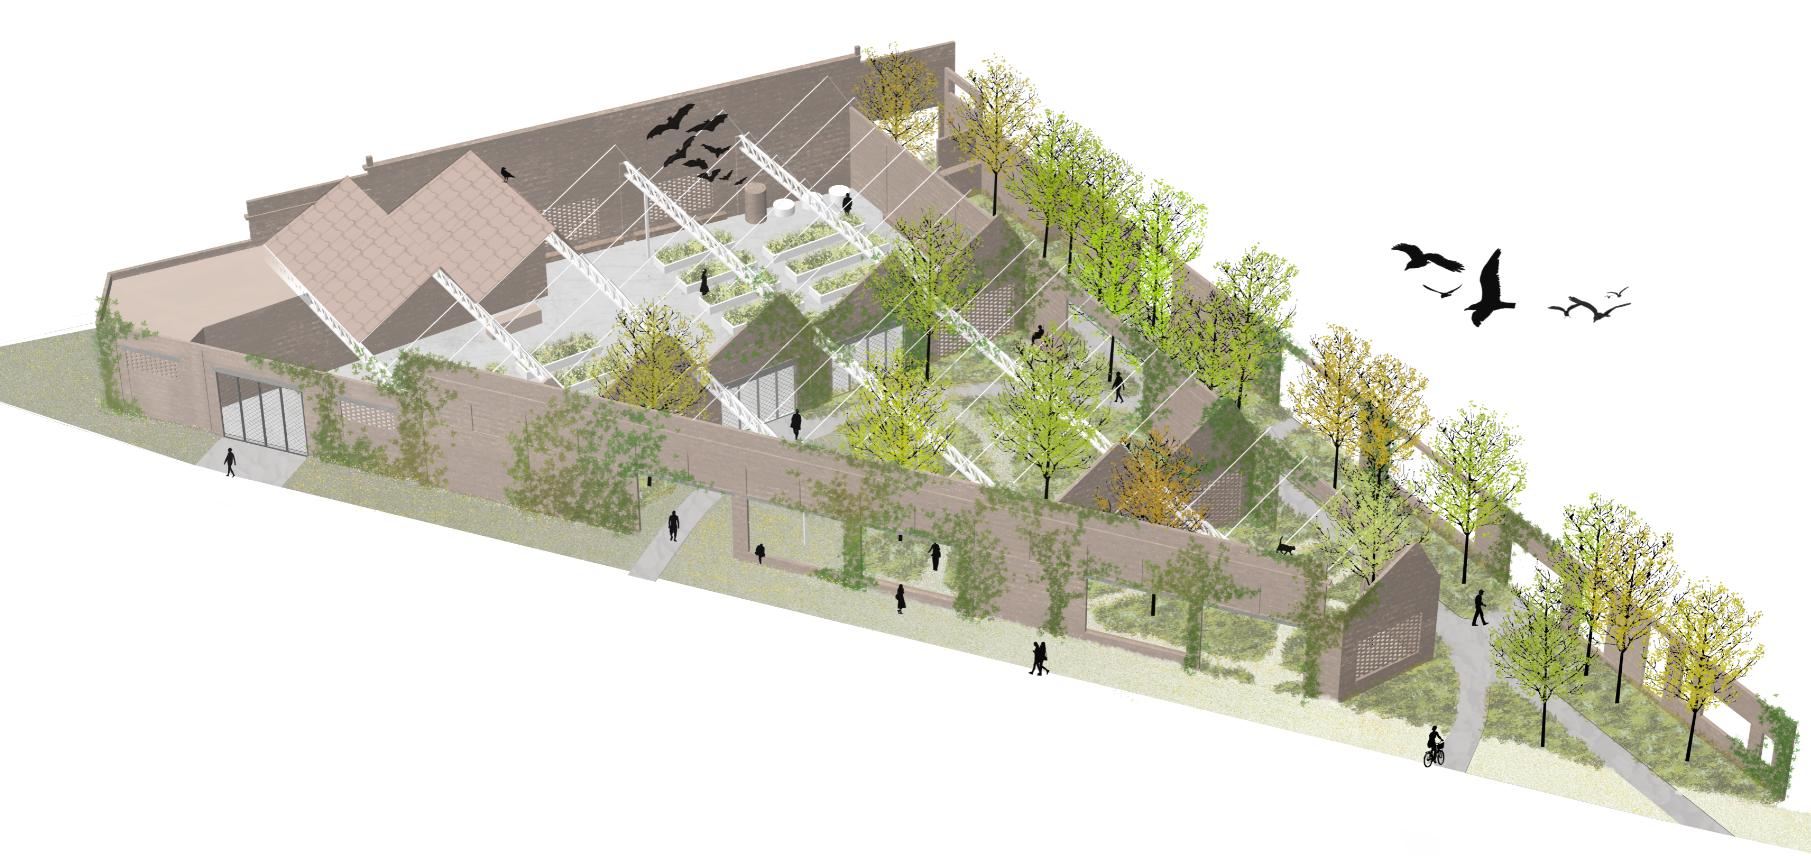 Een toekomstbeeld van hoe het extra stuk park er zal uitzien.